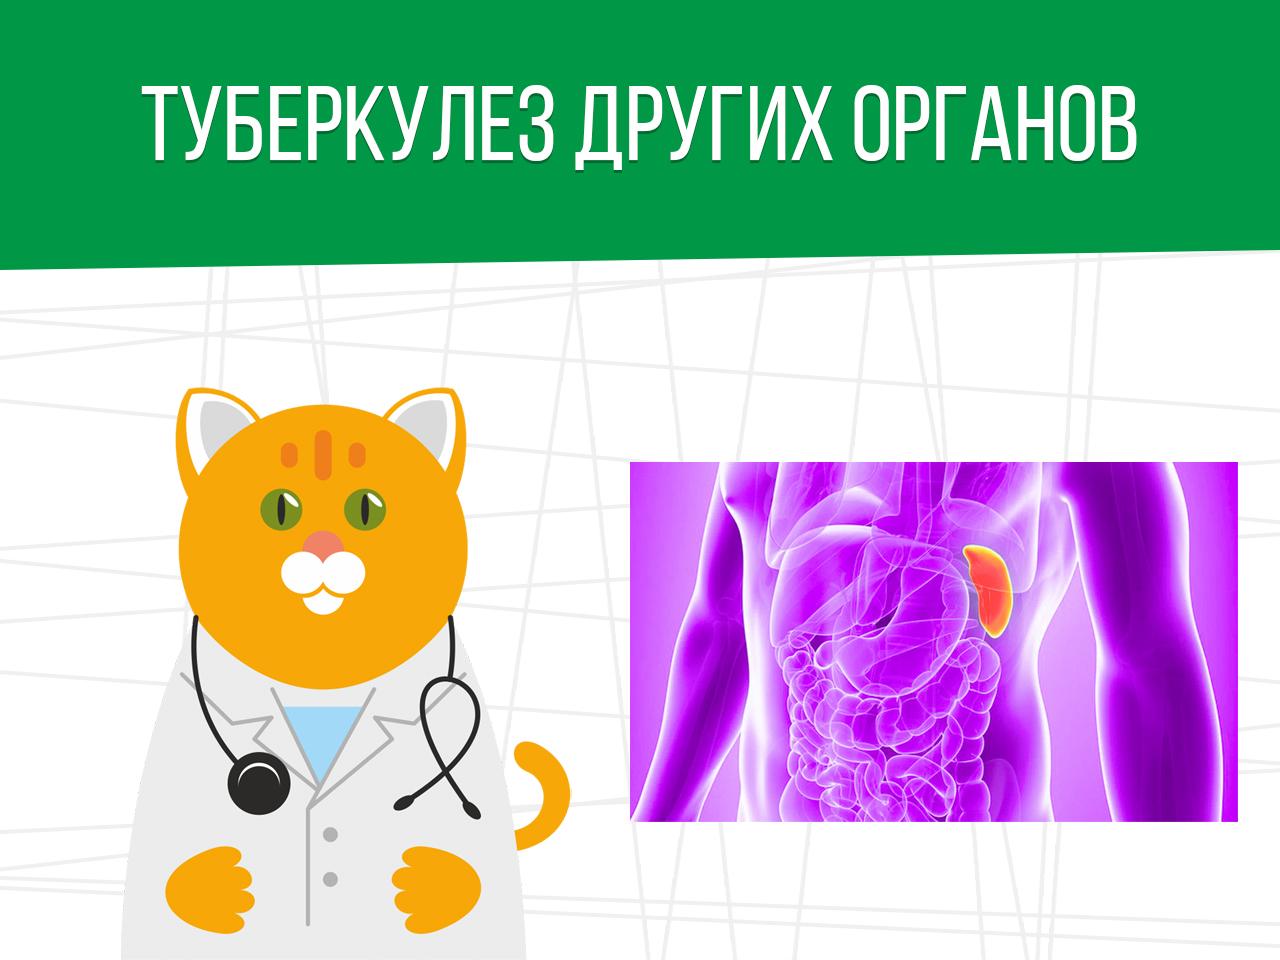 Туберкулез других органов: категория годности призывника